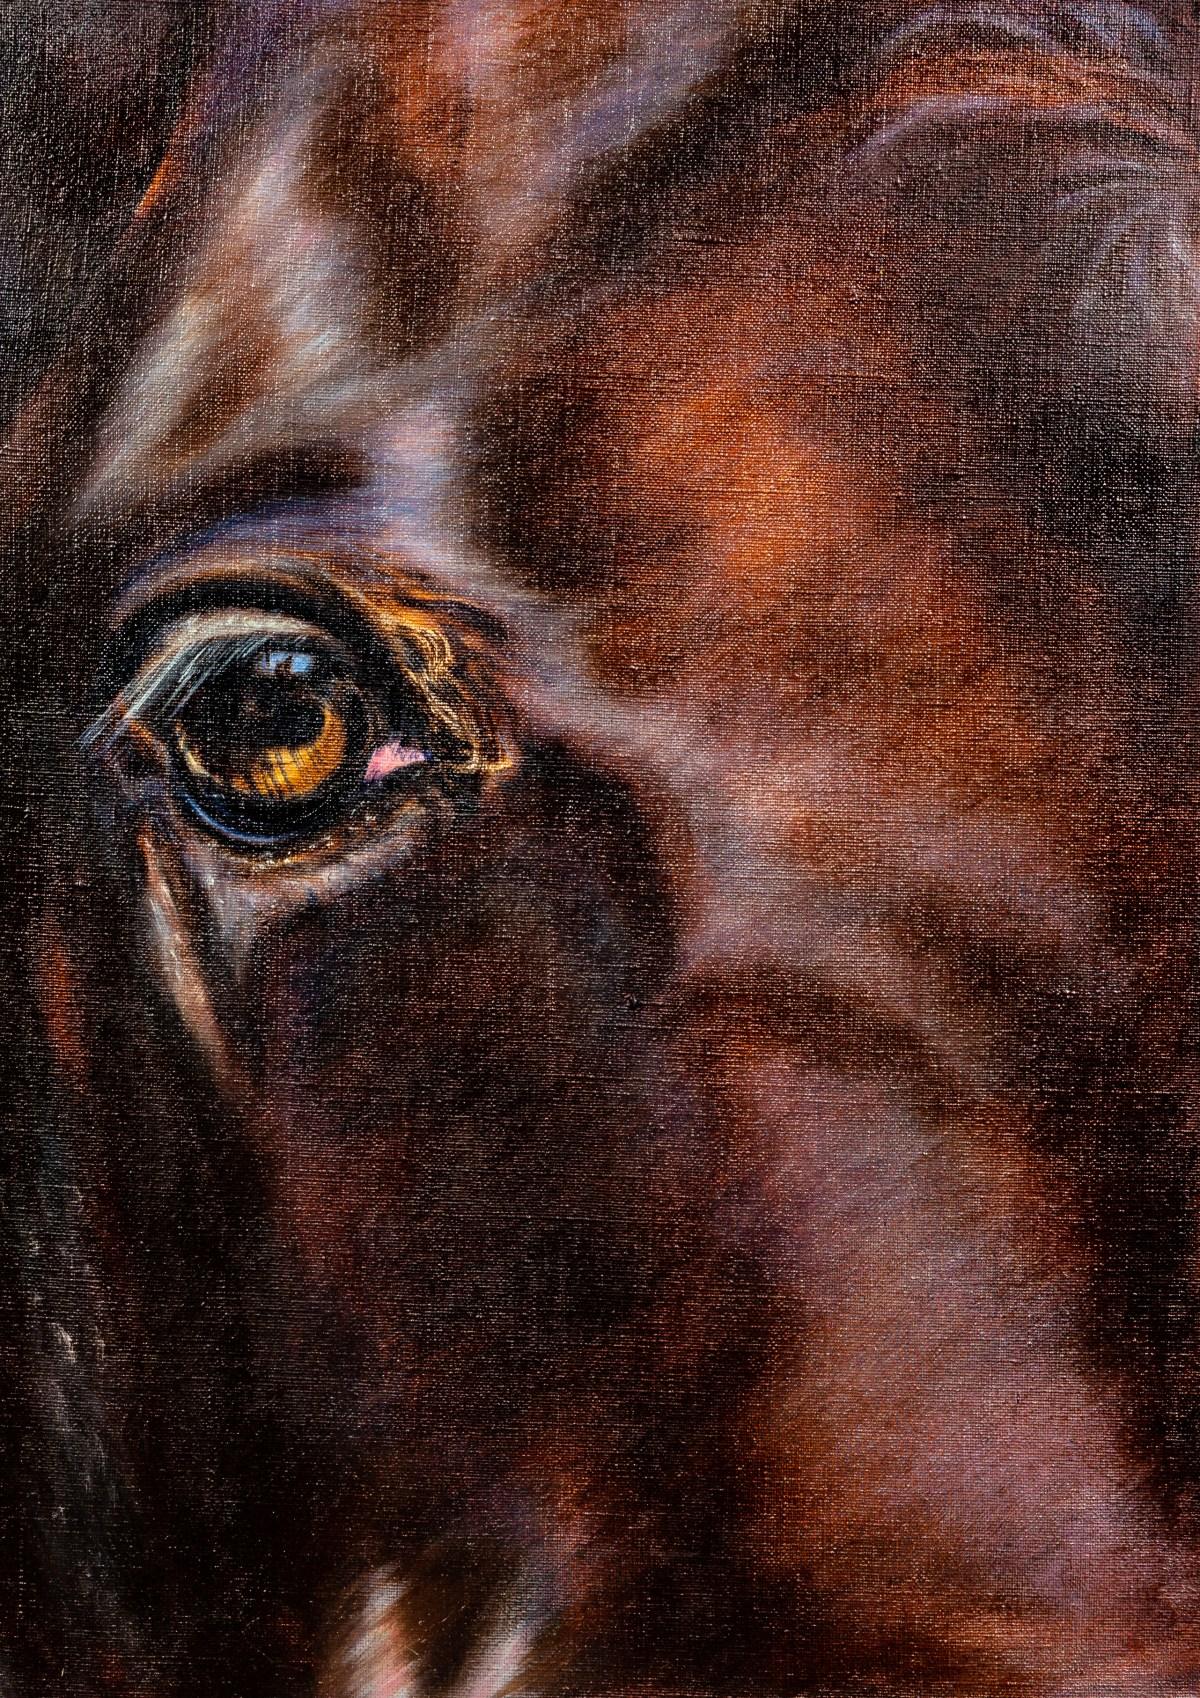 Horse eye. Oil, 2017